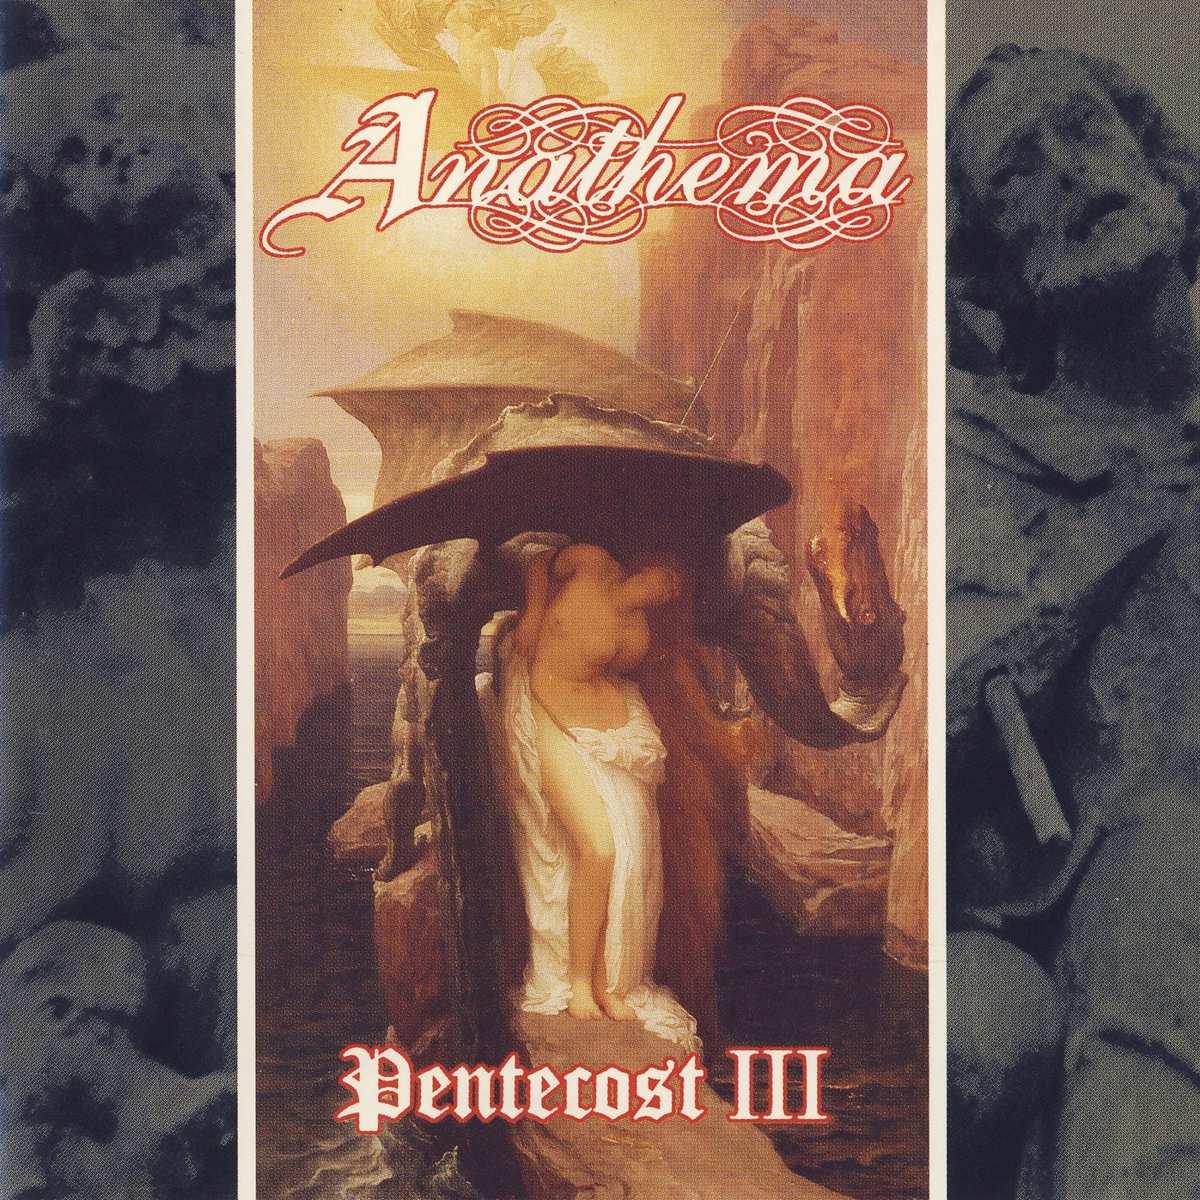 Anathema - Pentecost III